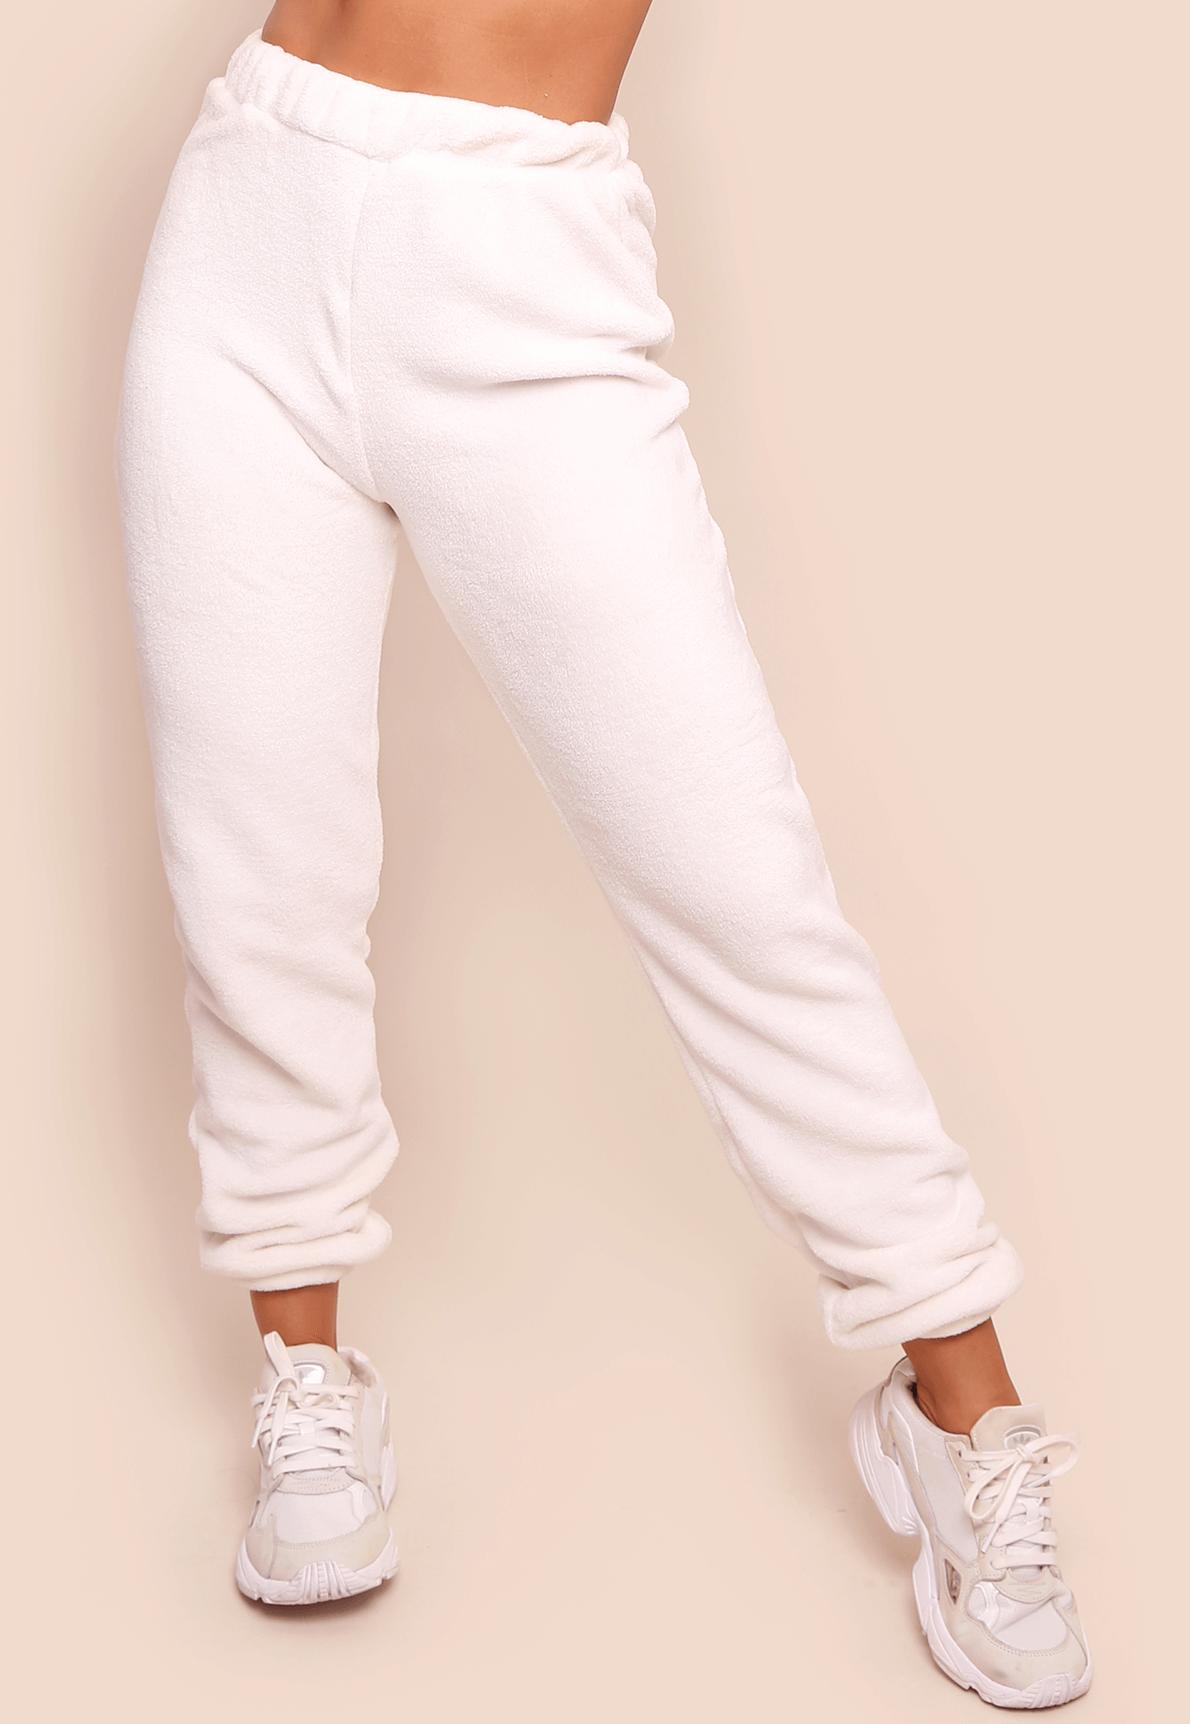 35721---calca-comfy-branco-mundo-lolita-04-